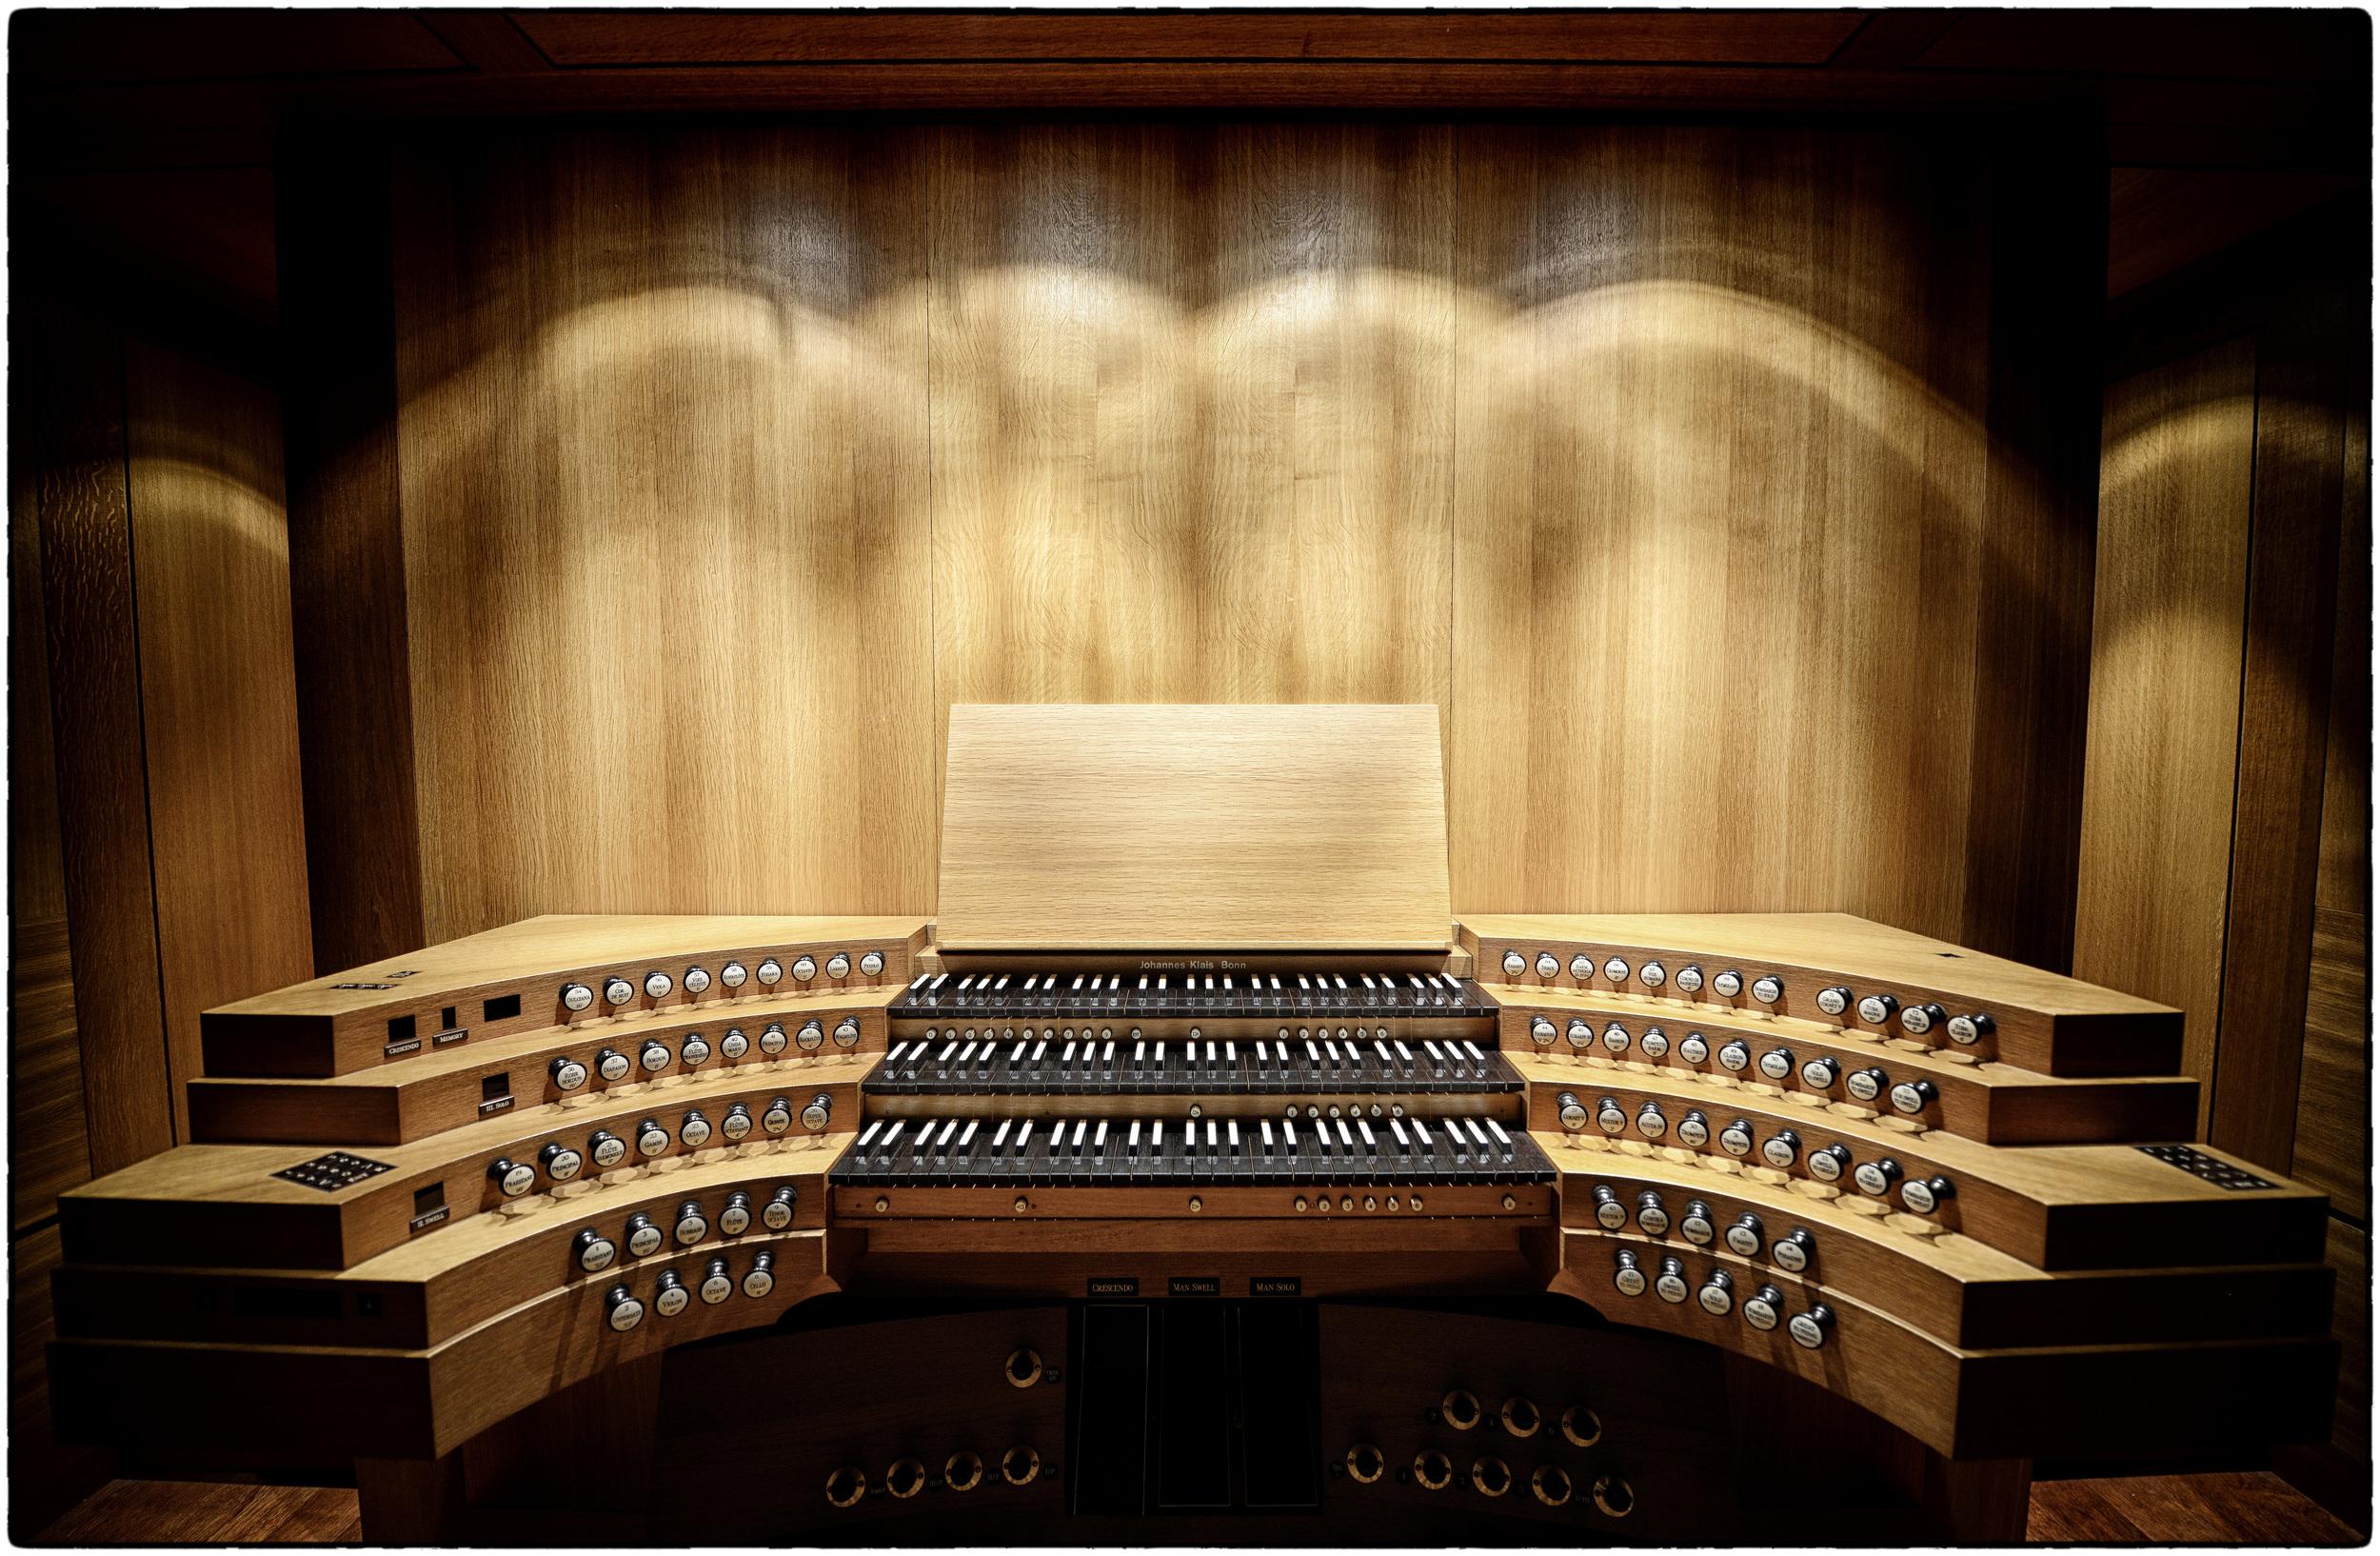 Organ_3775.jpg